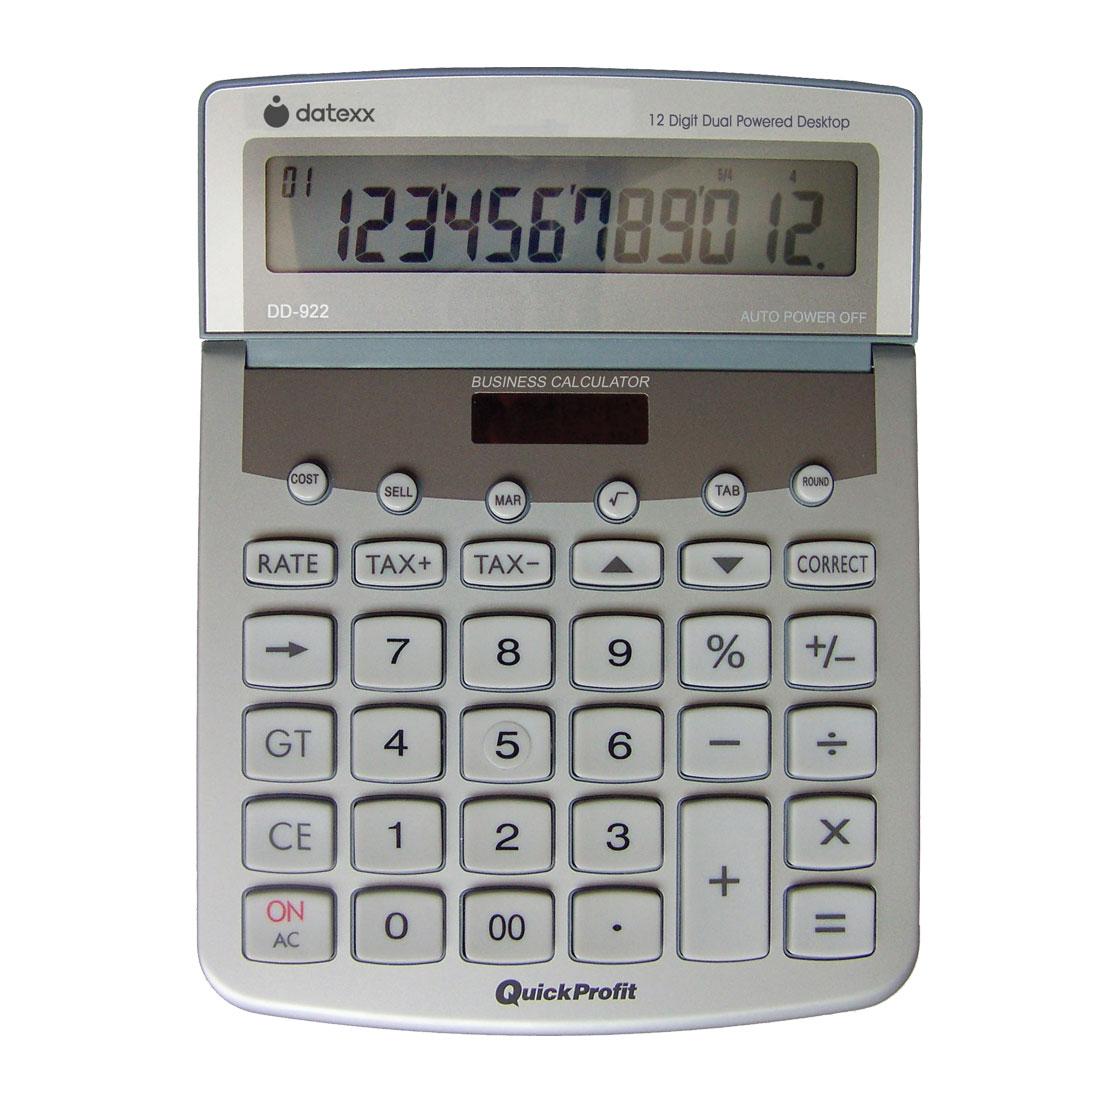 QuickProfit Business Calculator